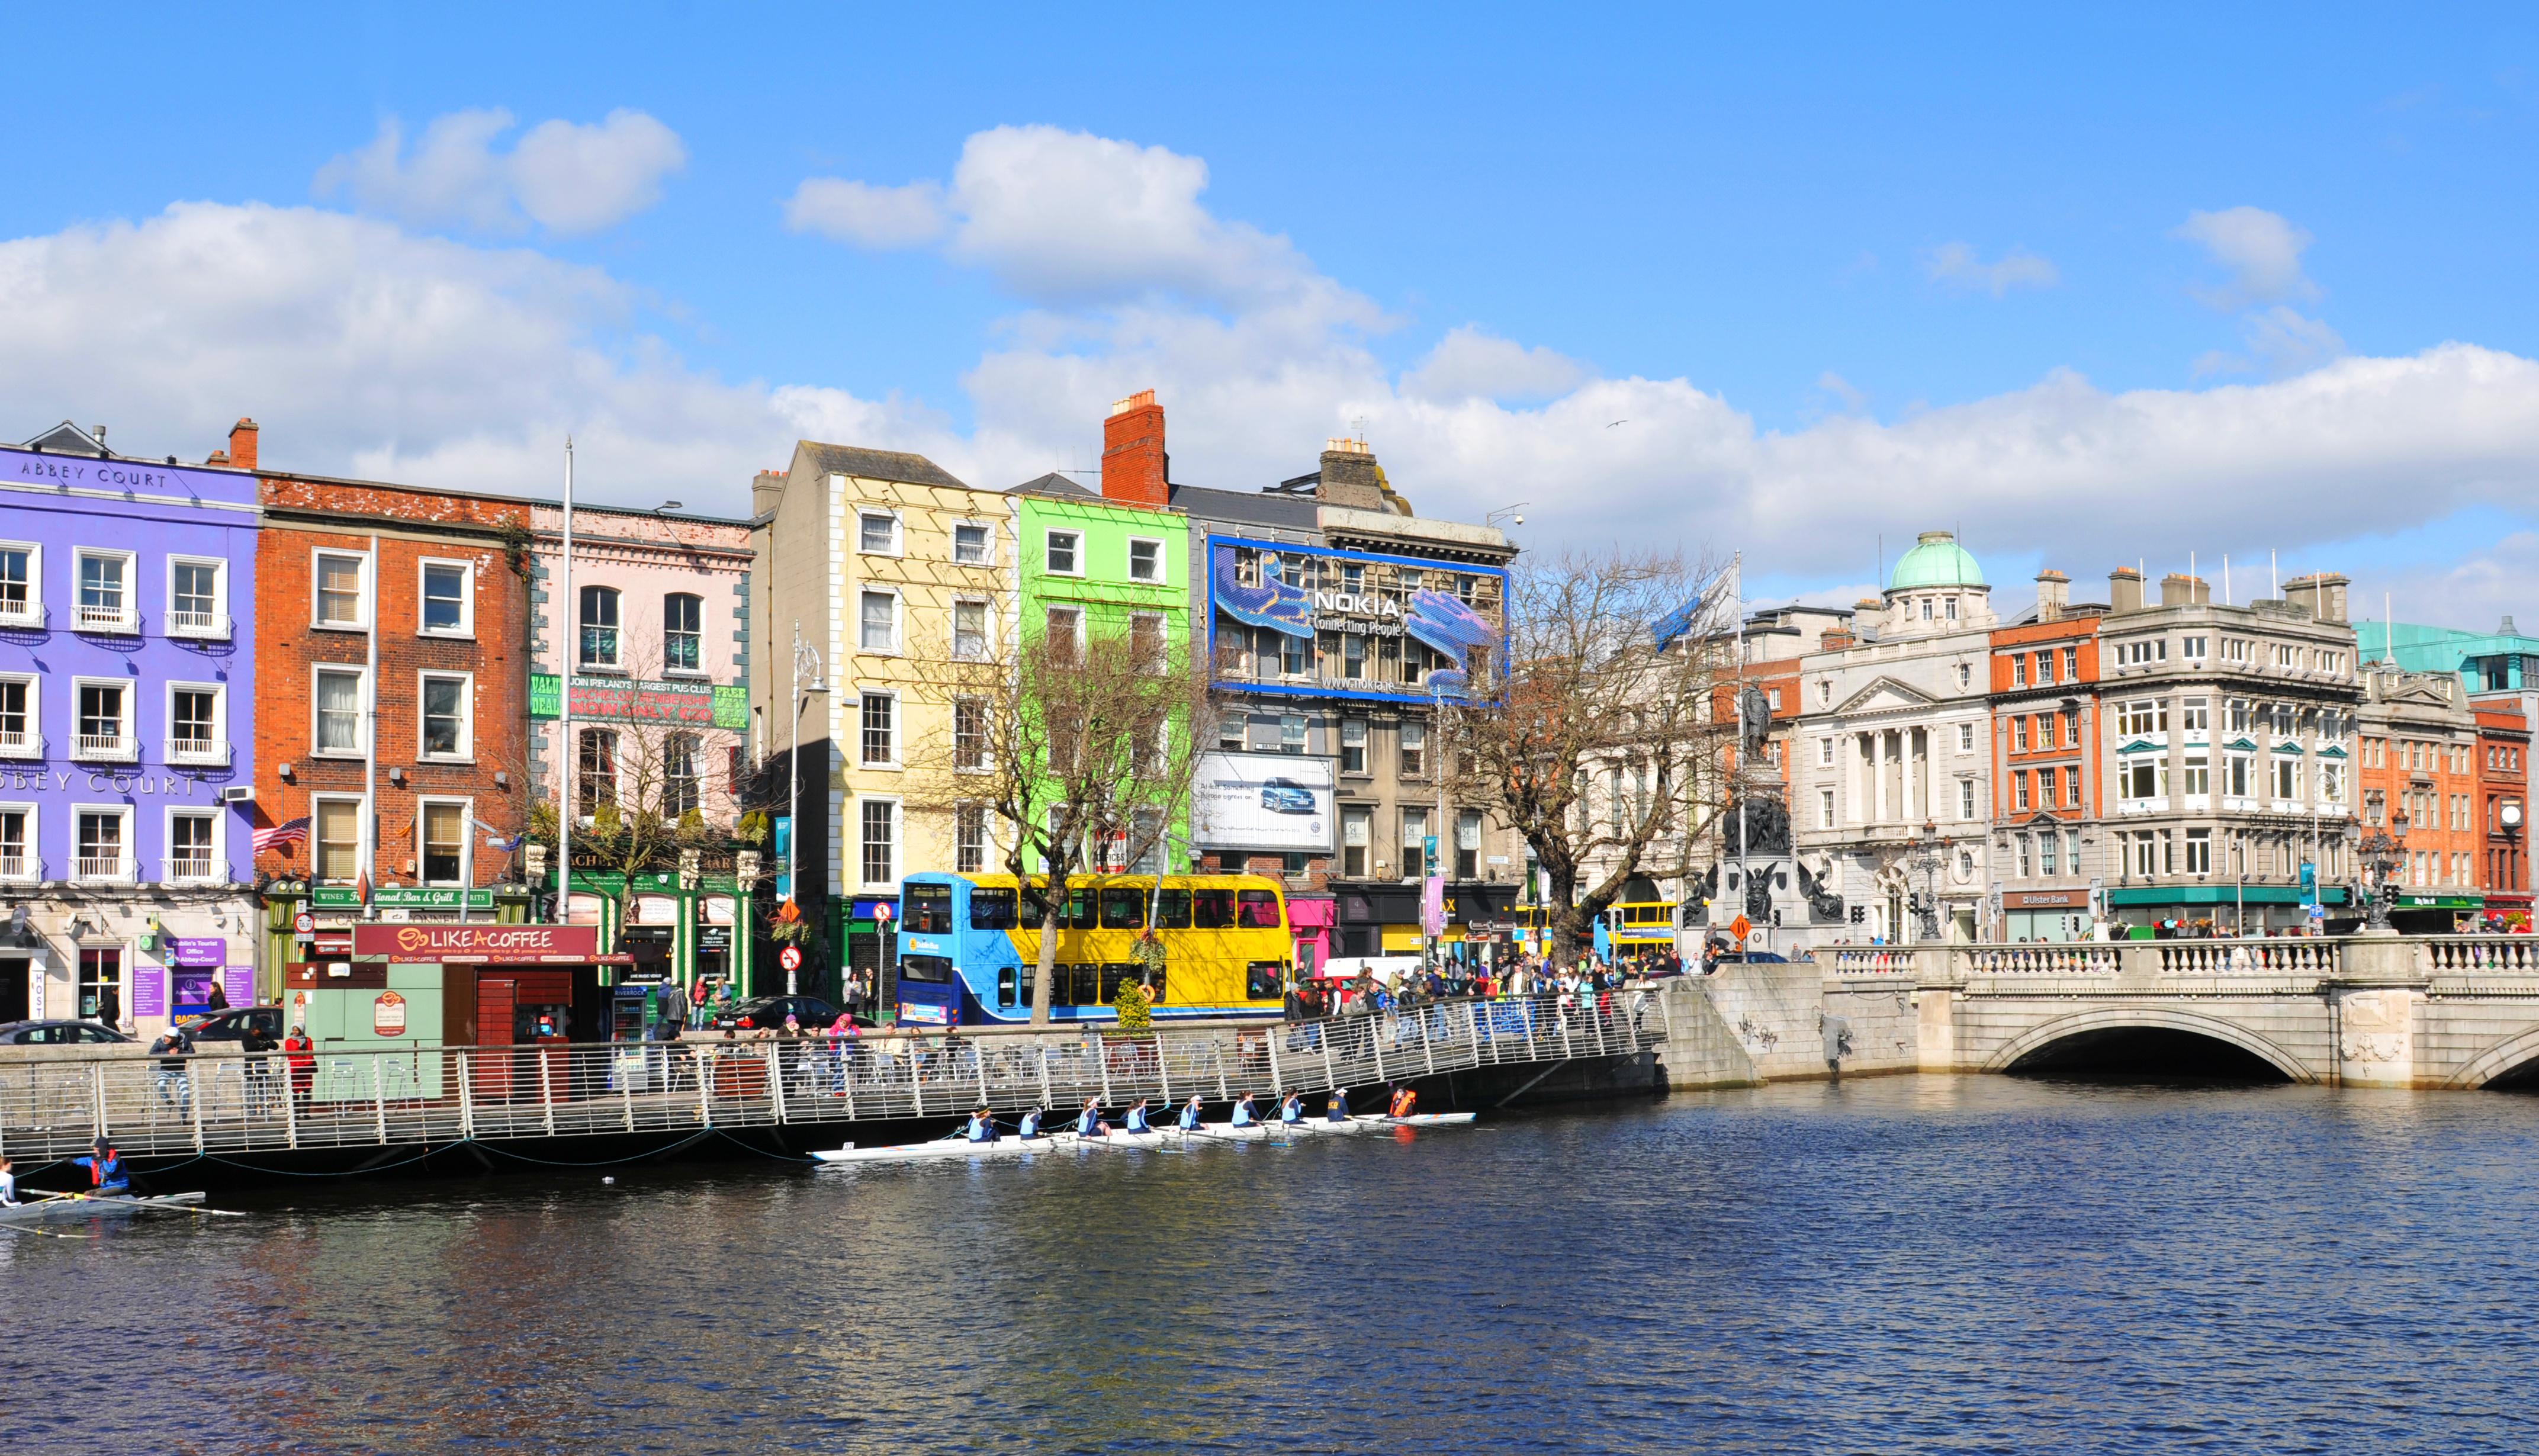 Dollarphotoclub_56166526_Dublin.jpg